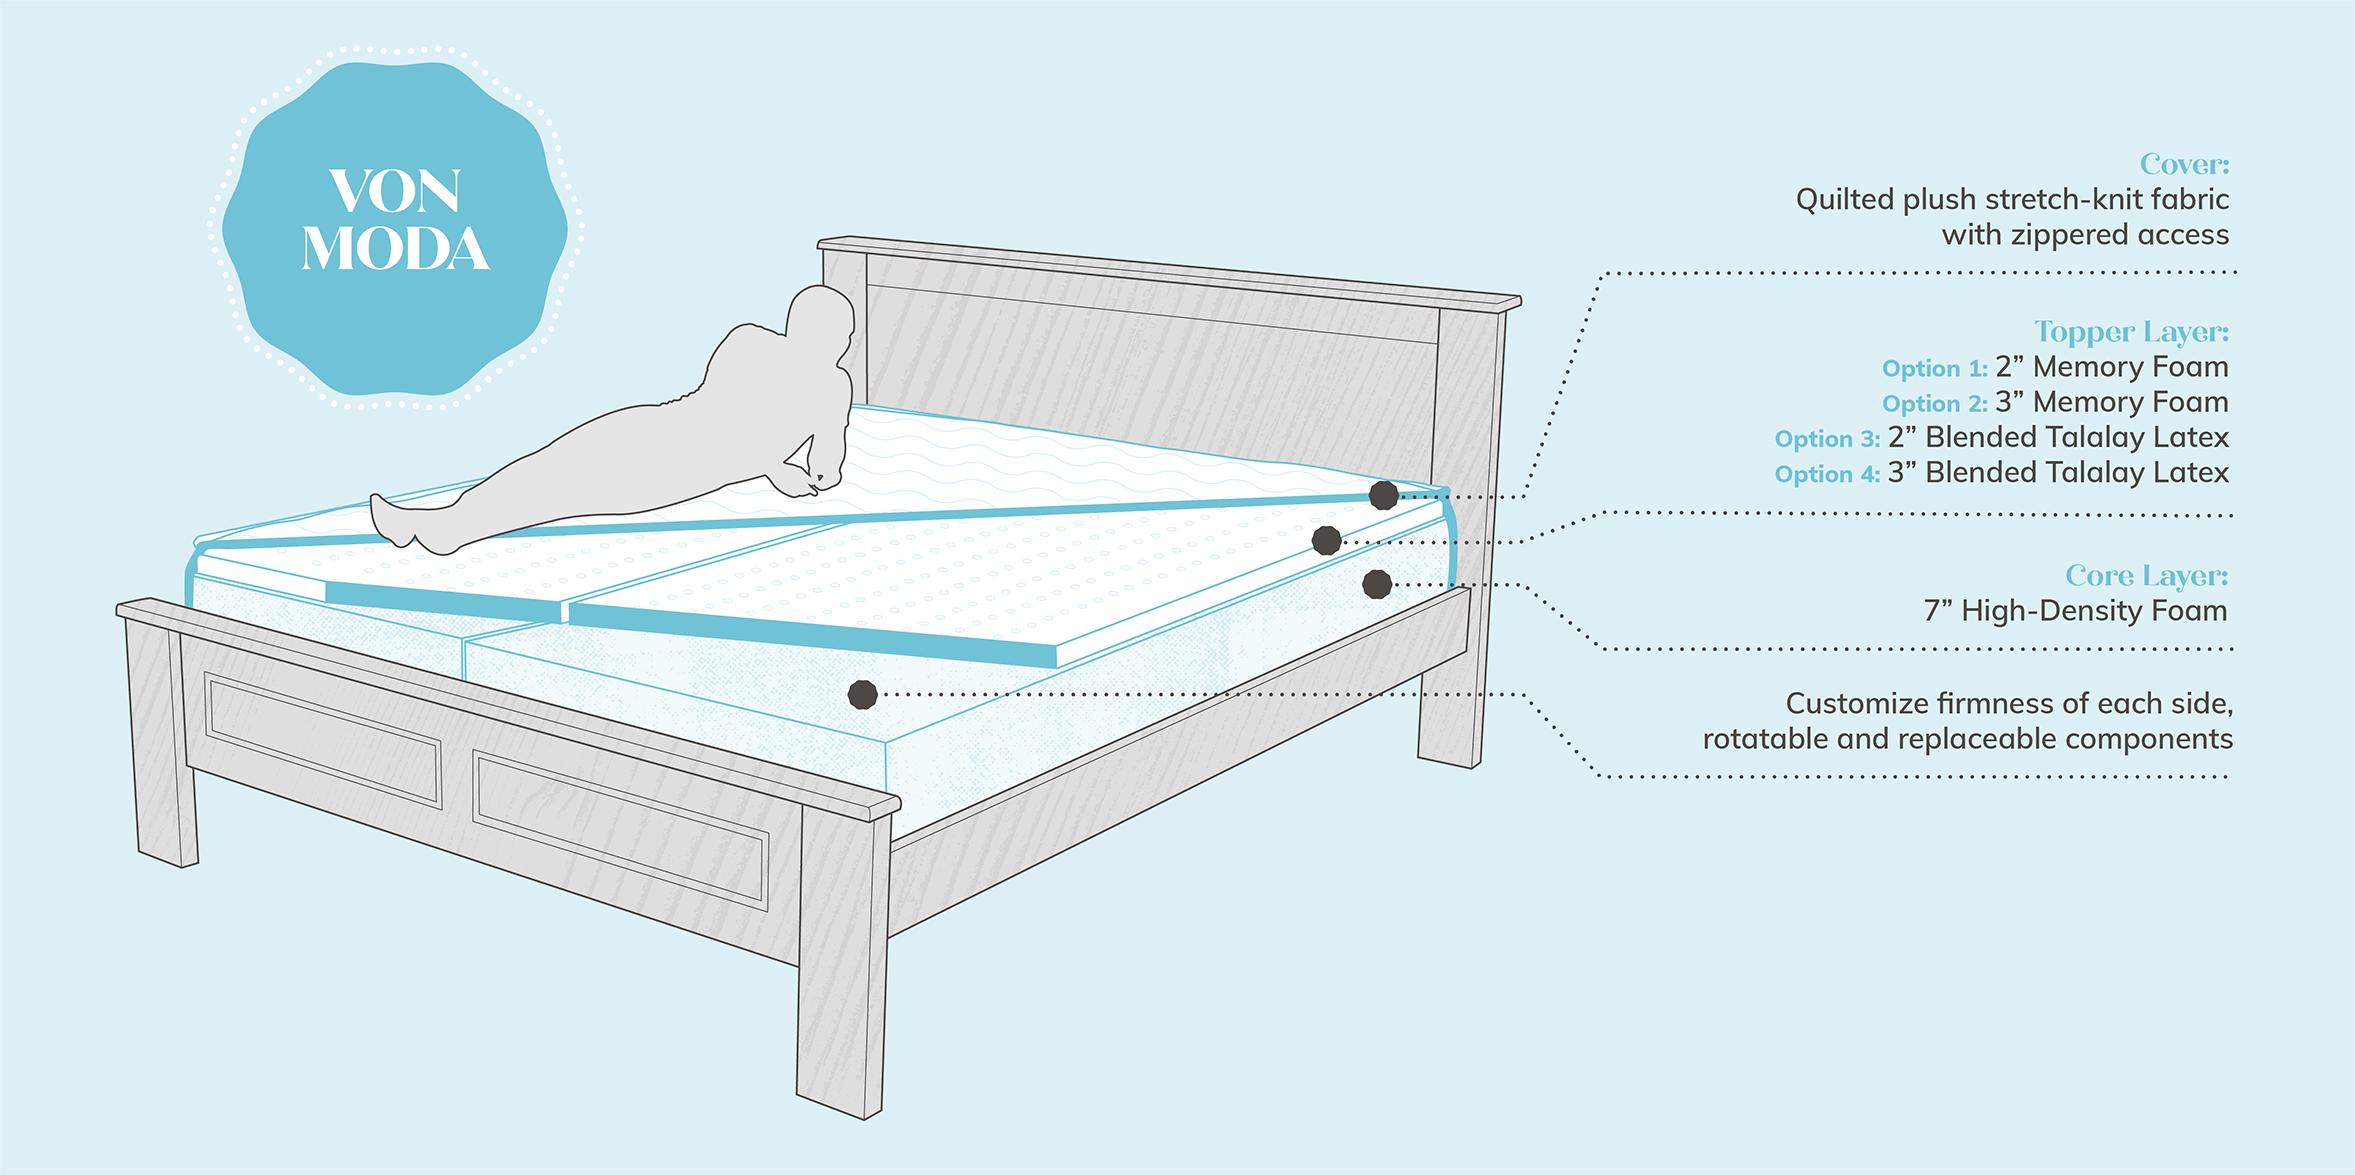 Hybrid Mattress Diagram - Von Moda